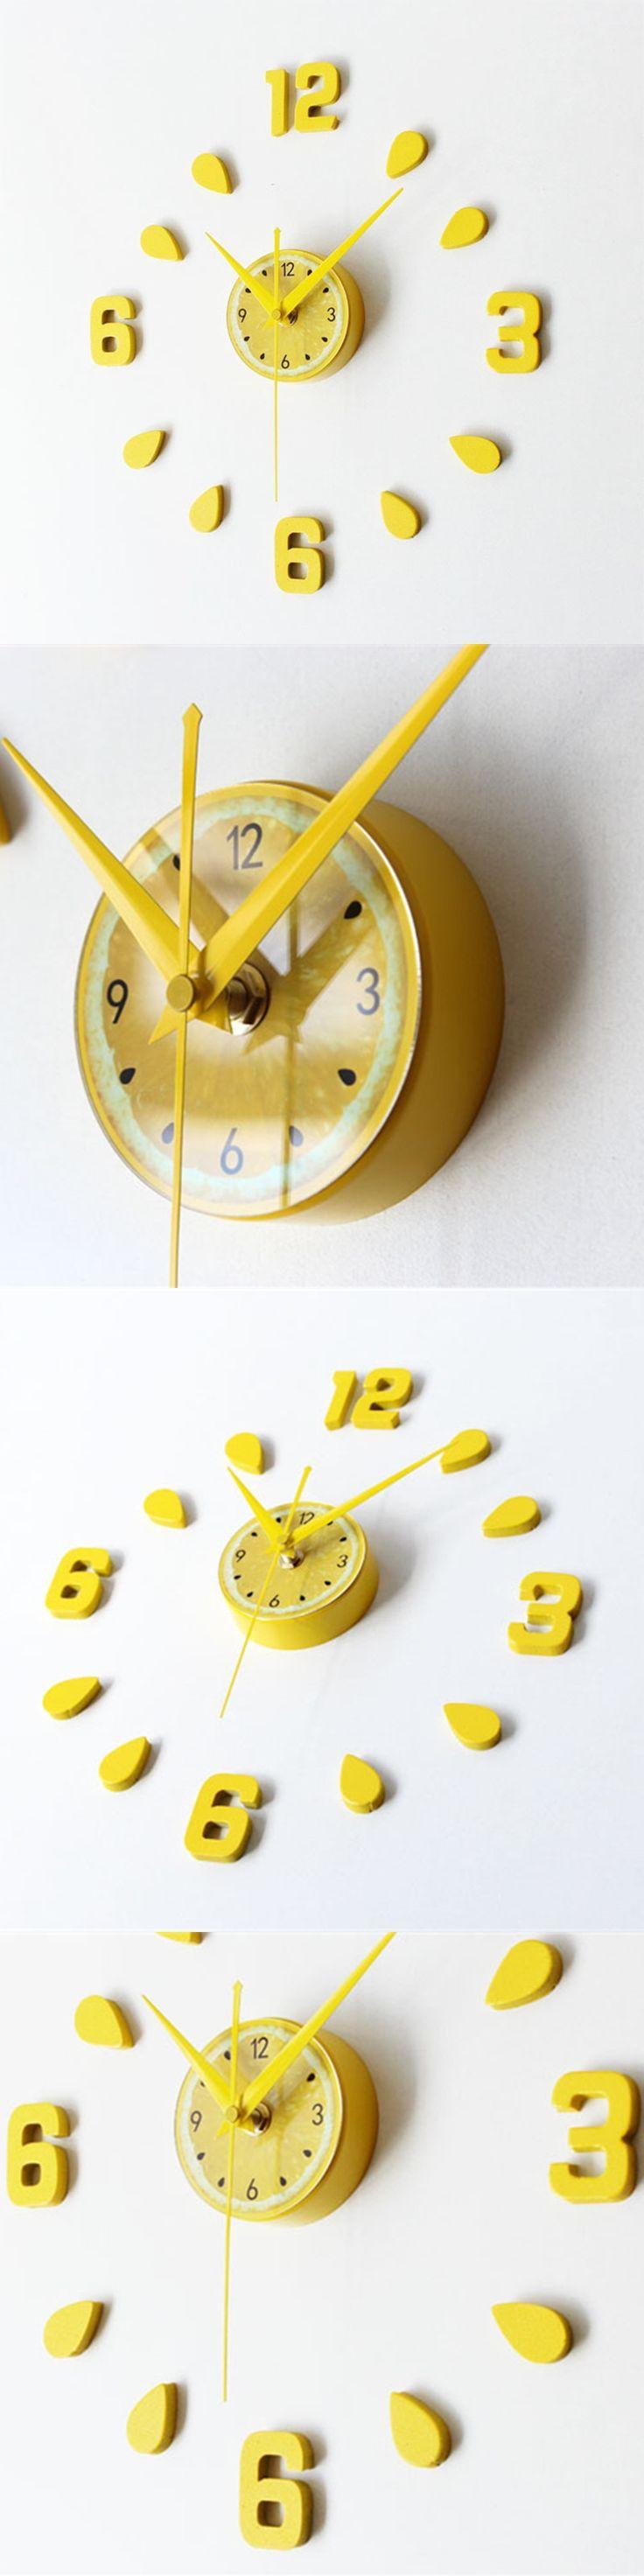 3D Lemon Color  Wall Clock Saat Duvar Saati Reloj Horloge Murale Digital Wall Clocks Reloj de pared Klok Home decor Watch